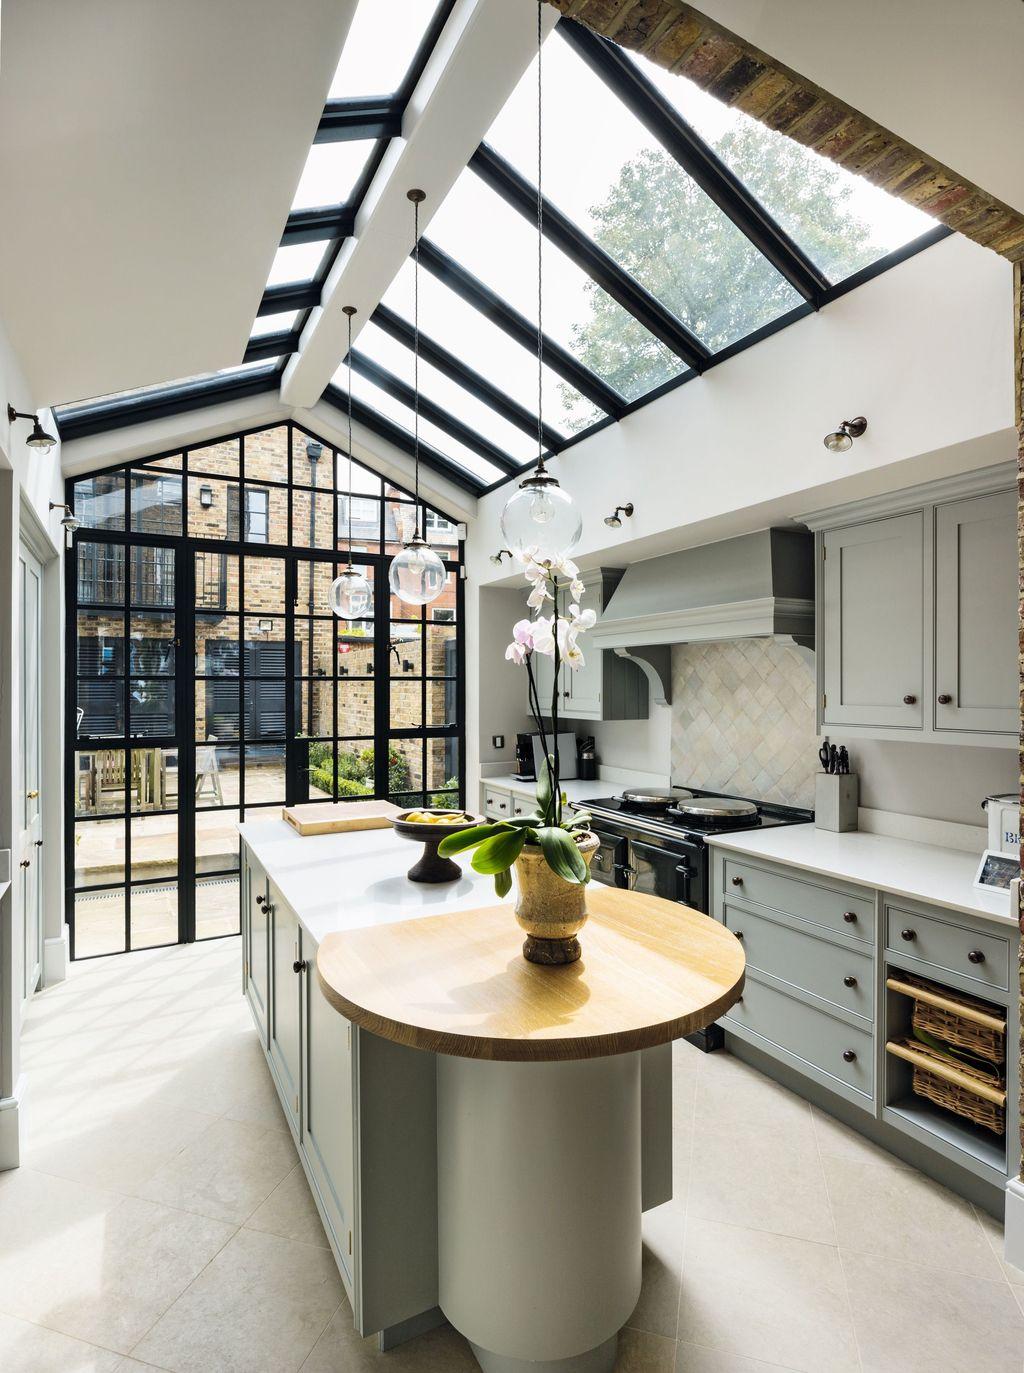 Inspiring Conservatory Kitchen Design Ideas 33